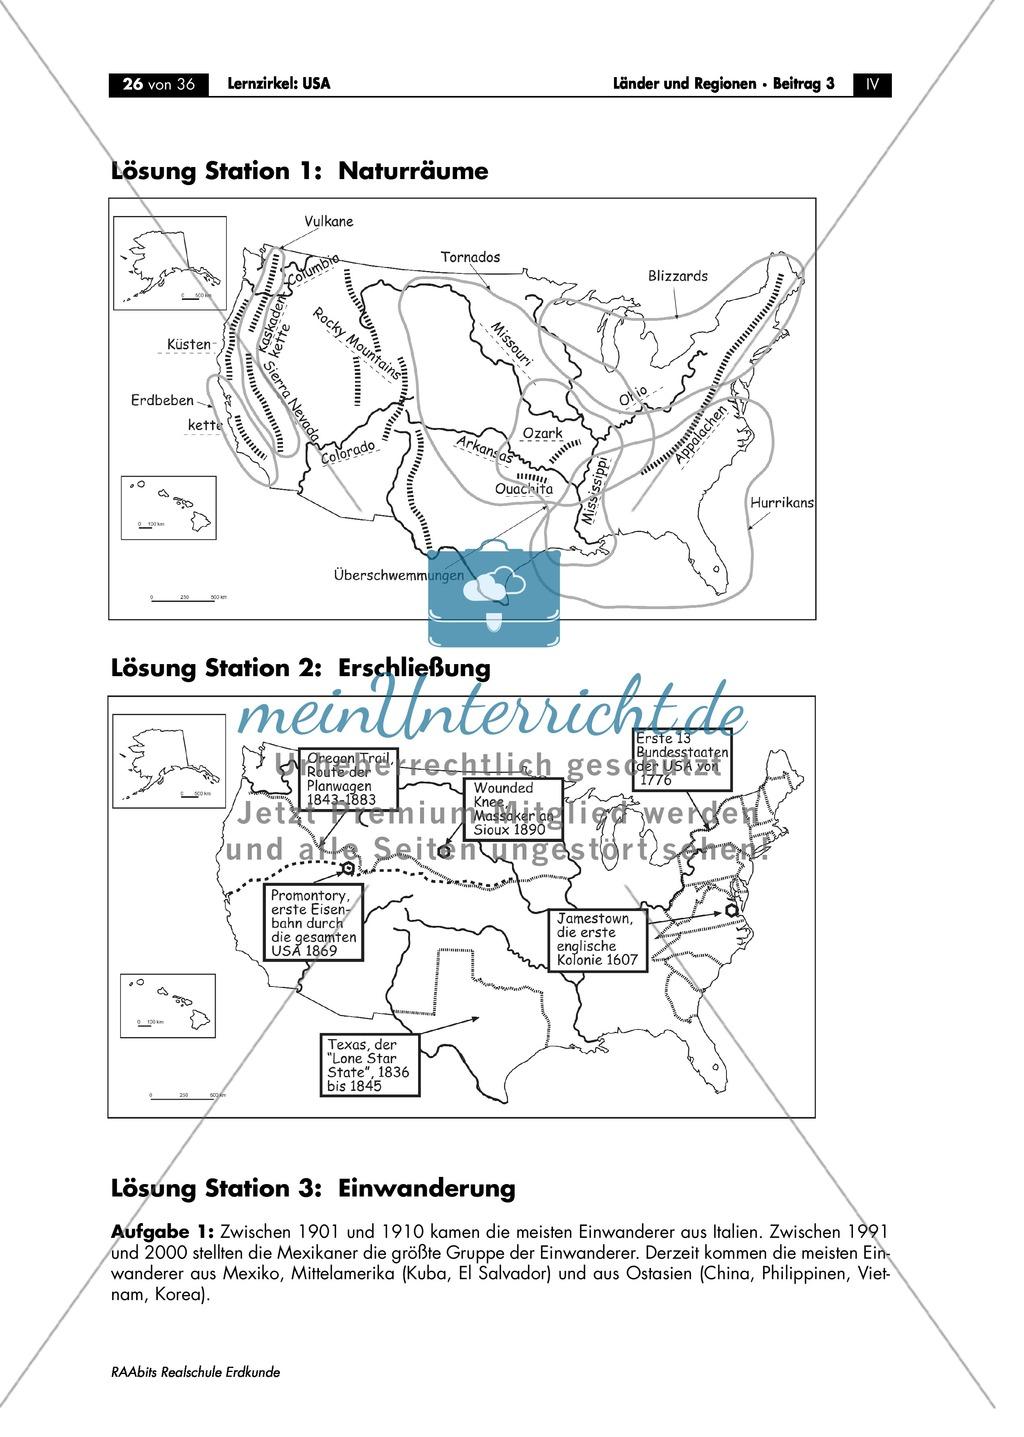 Die USA - Arbeit mit Atlanten: Naturräume - Großräume + Gebirge + Flüsse Preview 3